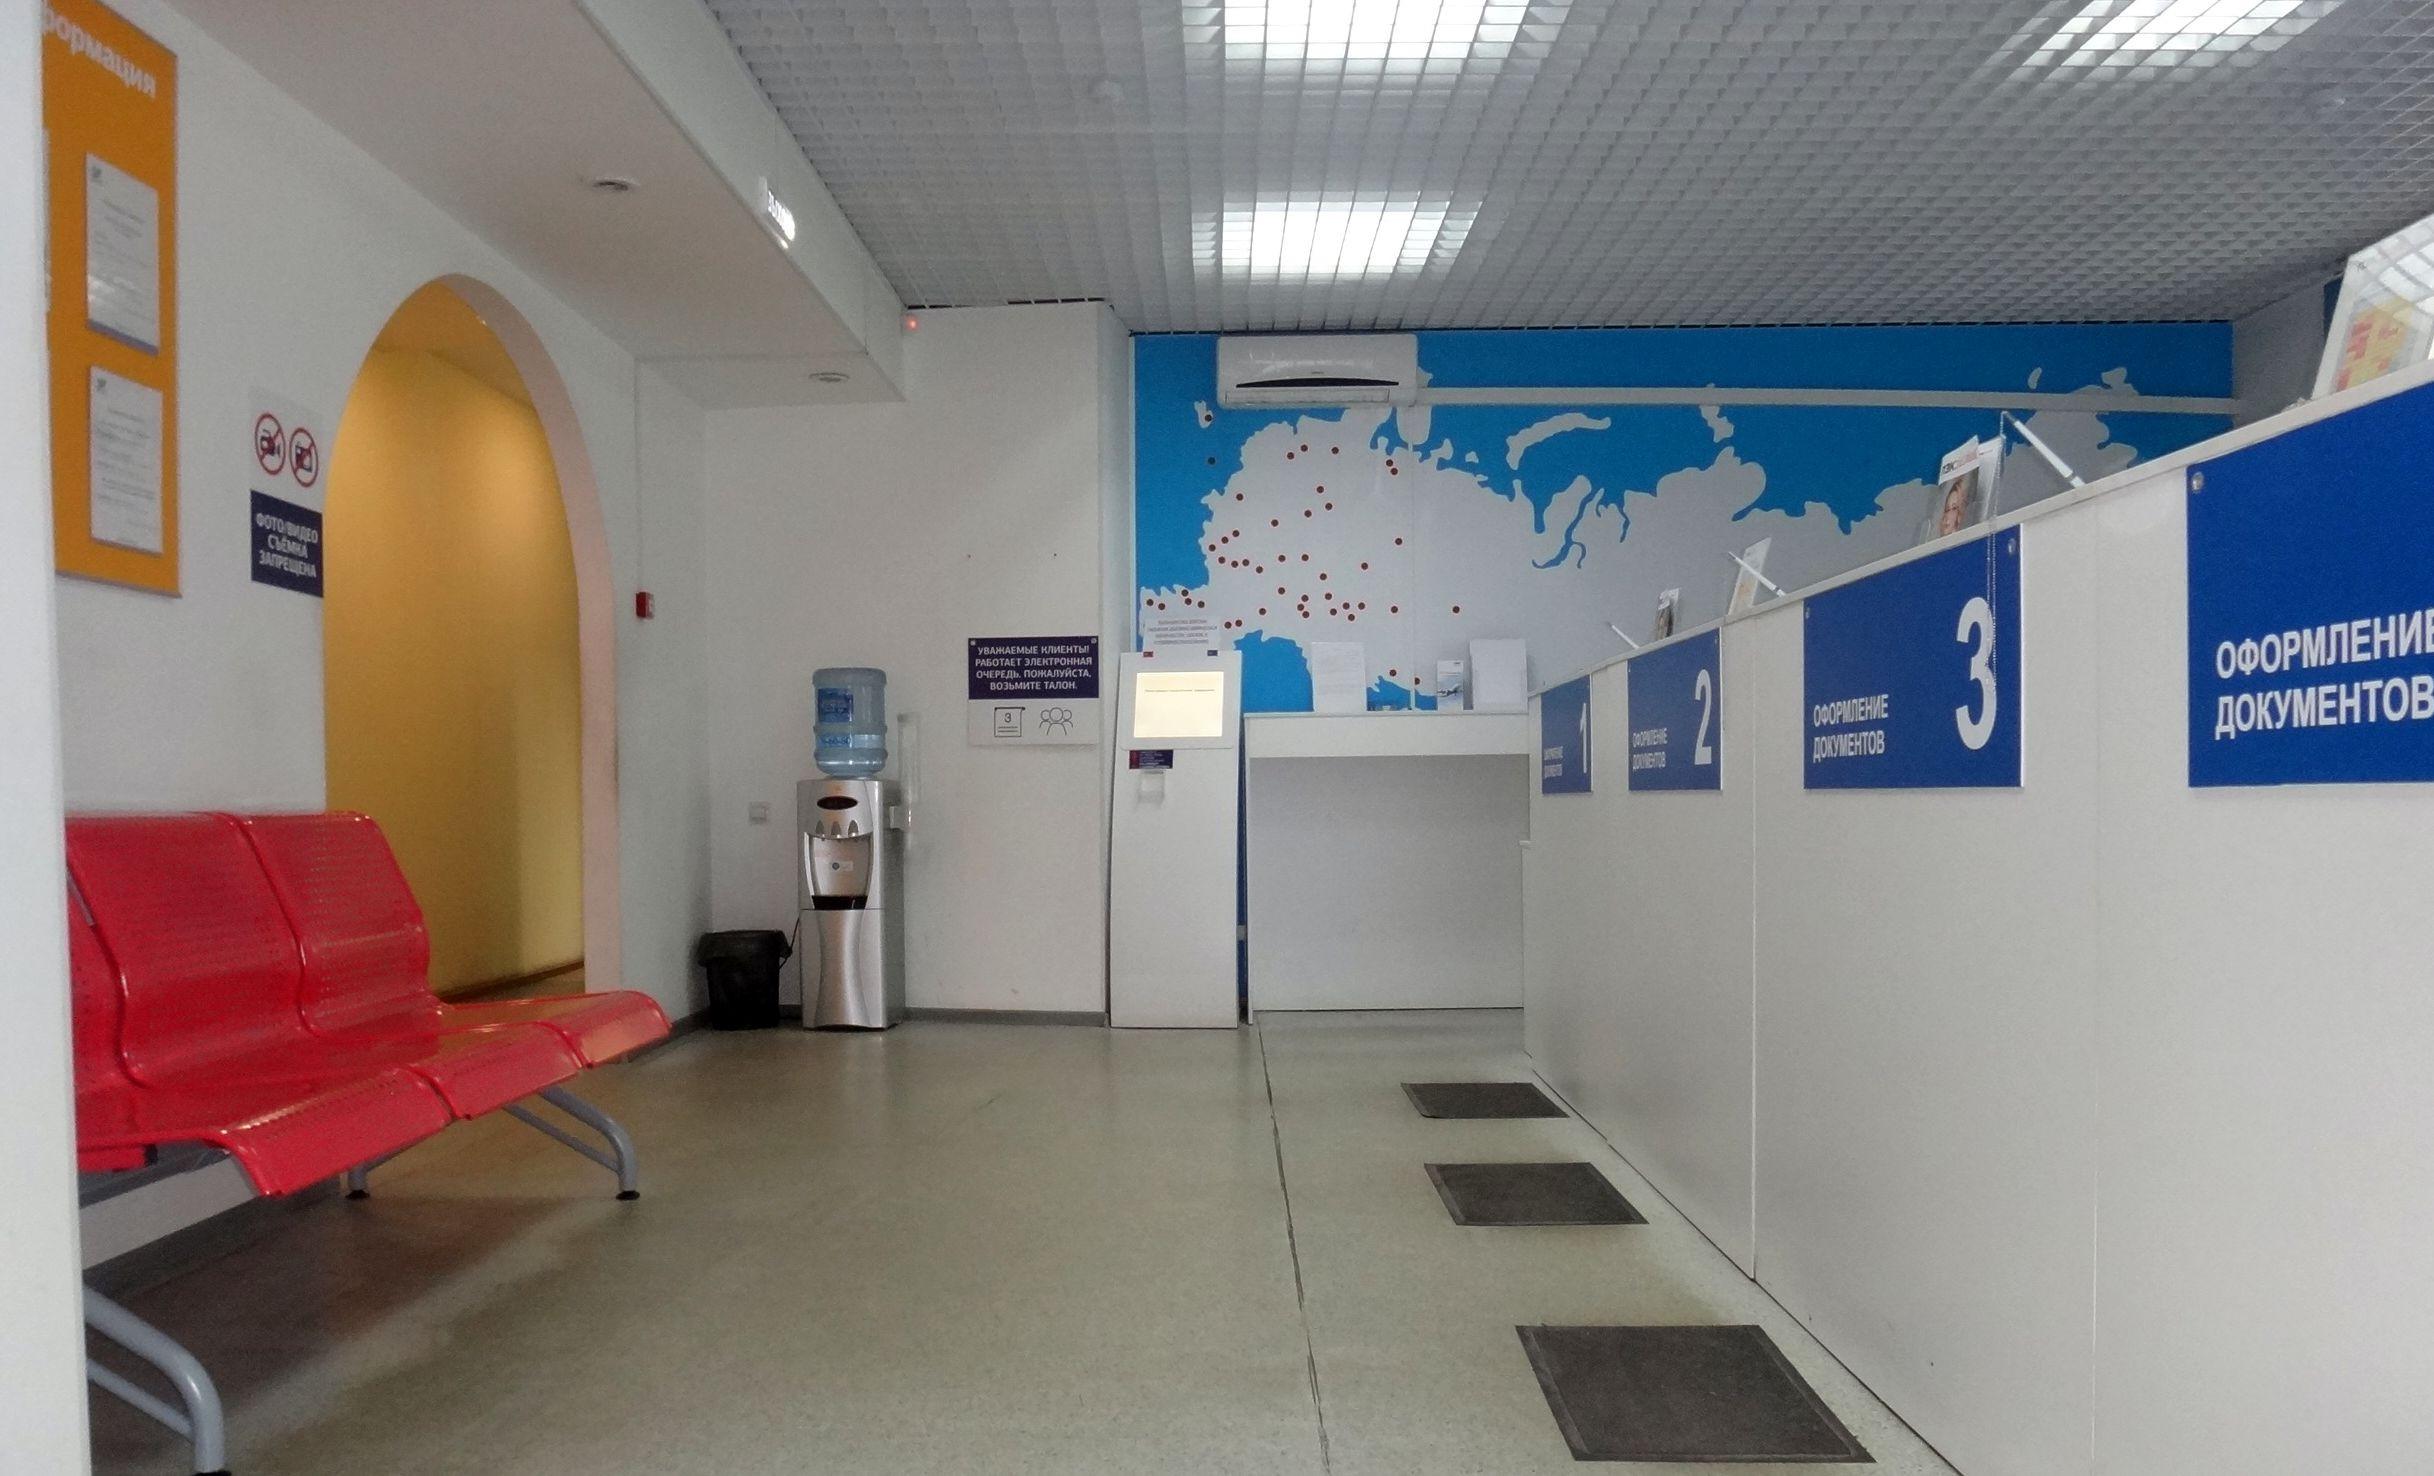 Пэк транспортная компания кемерово сайт бизнес план создание сайтов